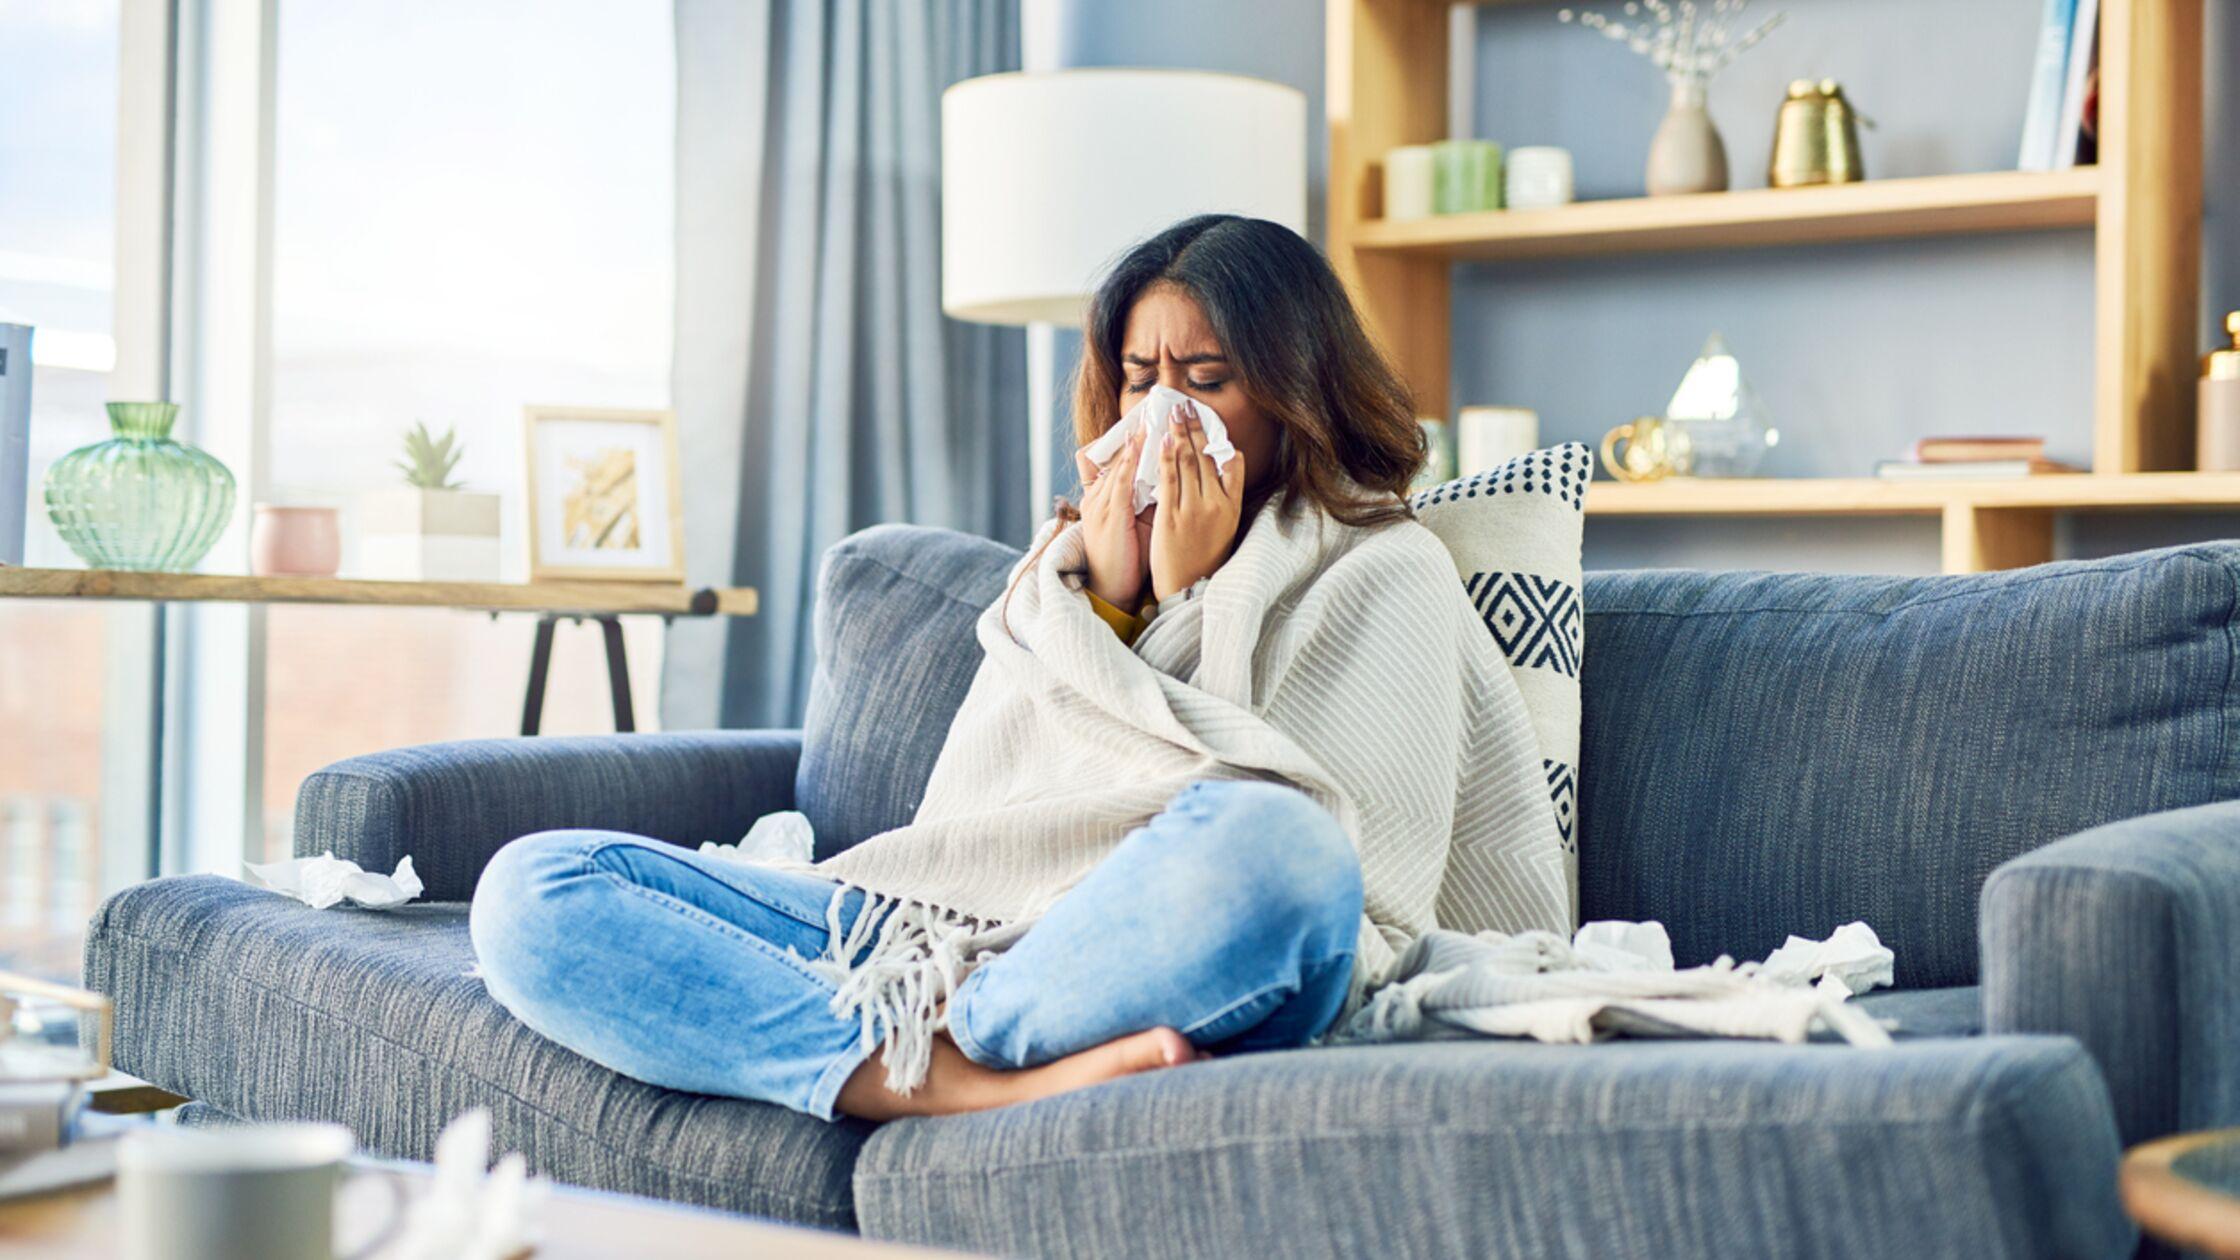 Plötzliche Allergie in der neuen Wohnung